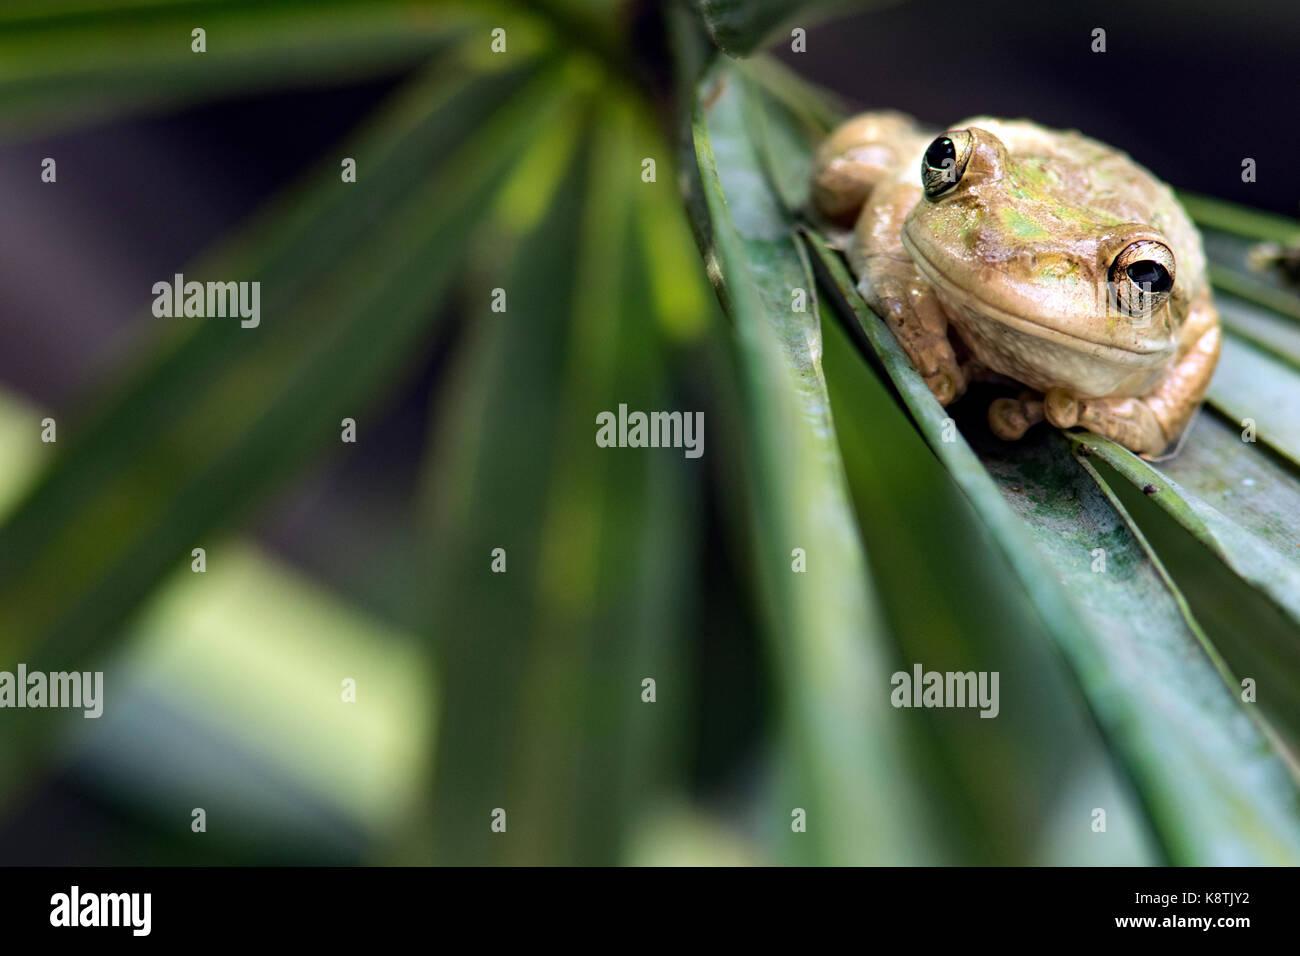 Rainette cubaine - green cay les zones humides, Boynton Beach, Floride usa Banque D'Images